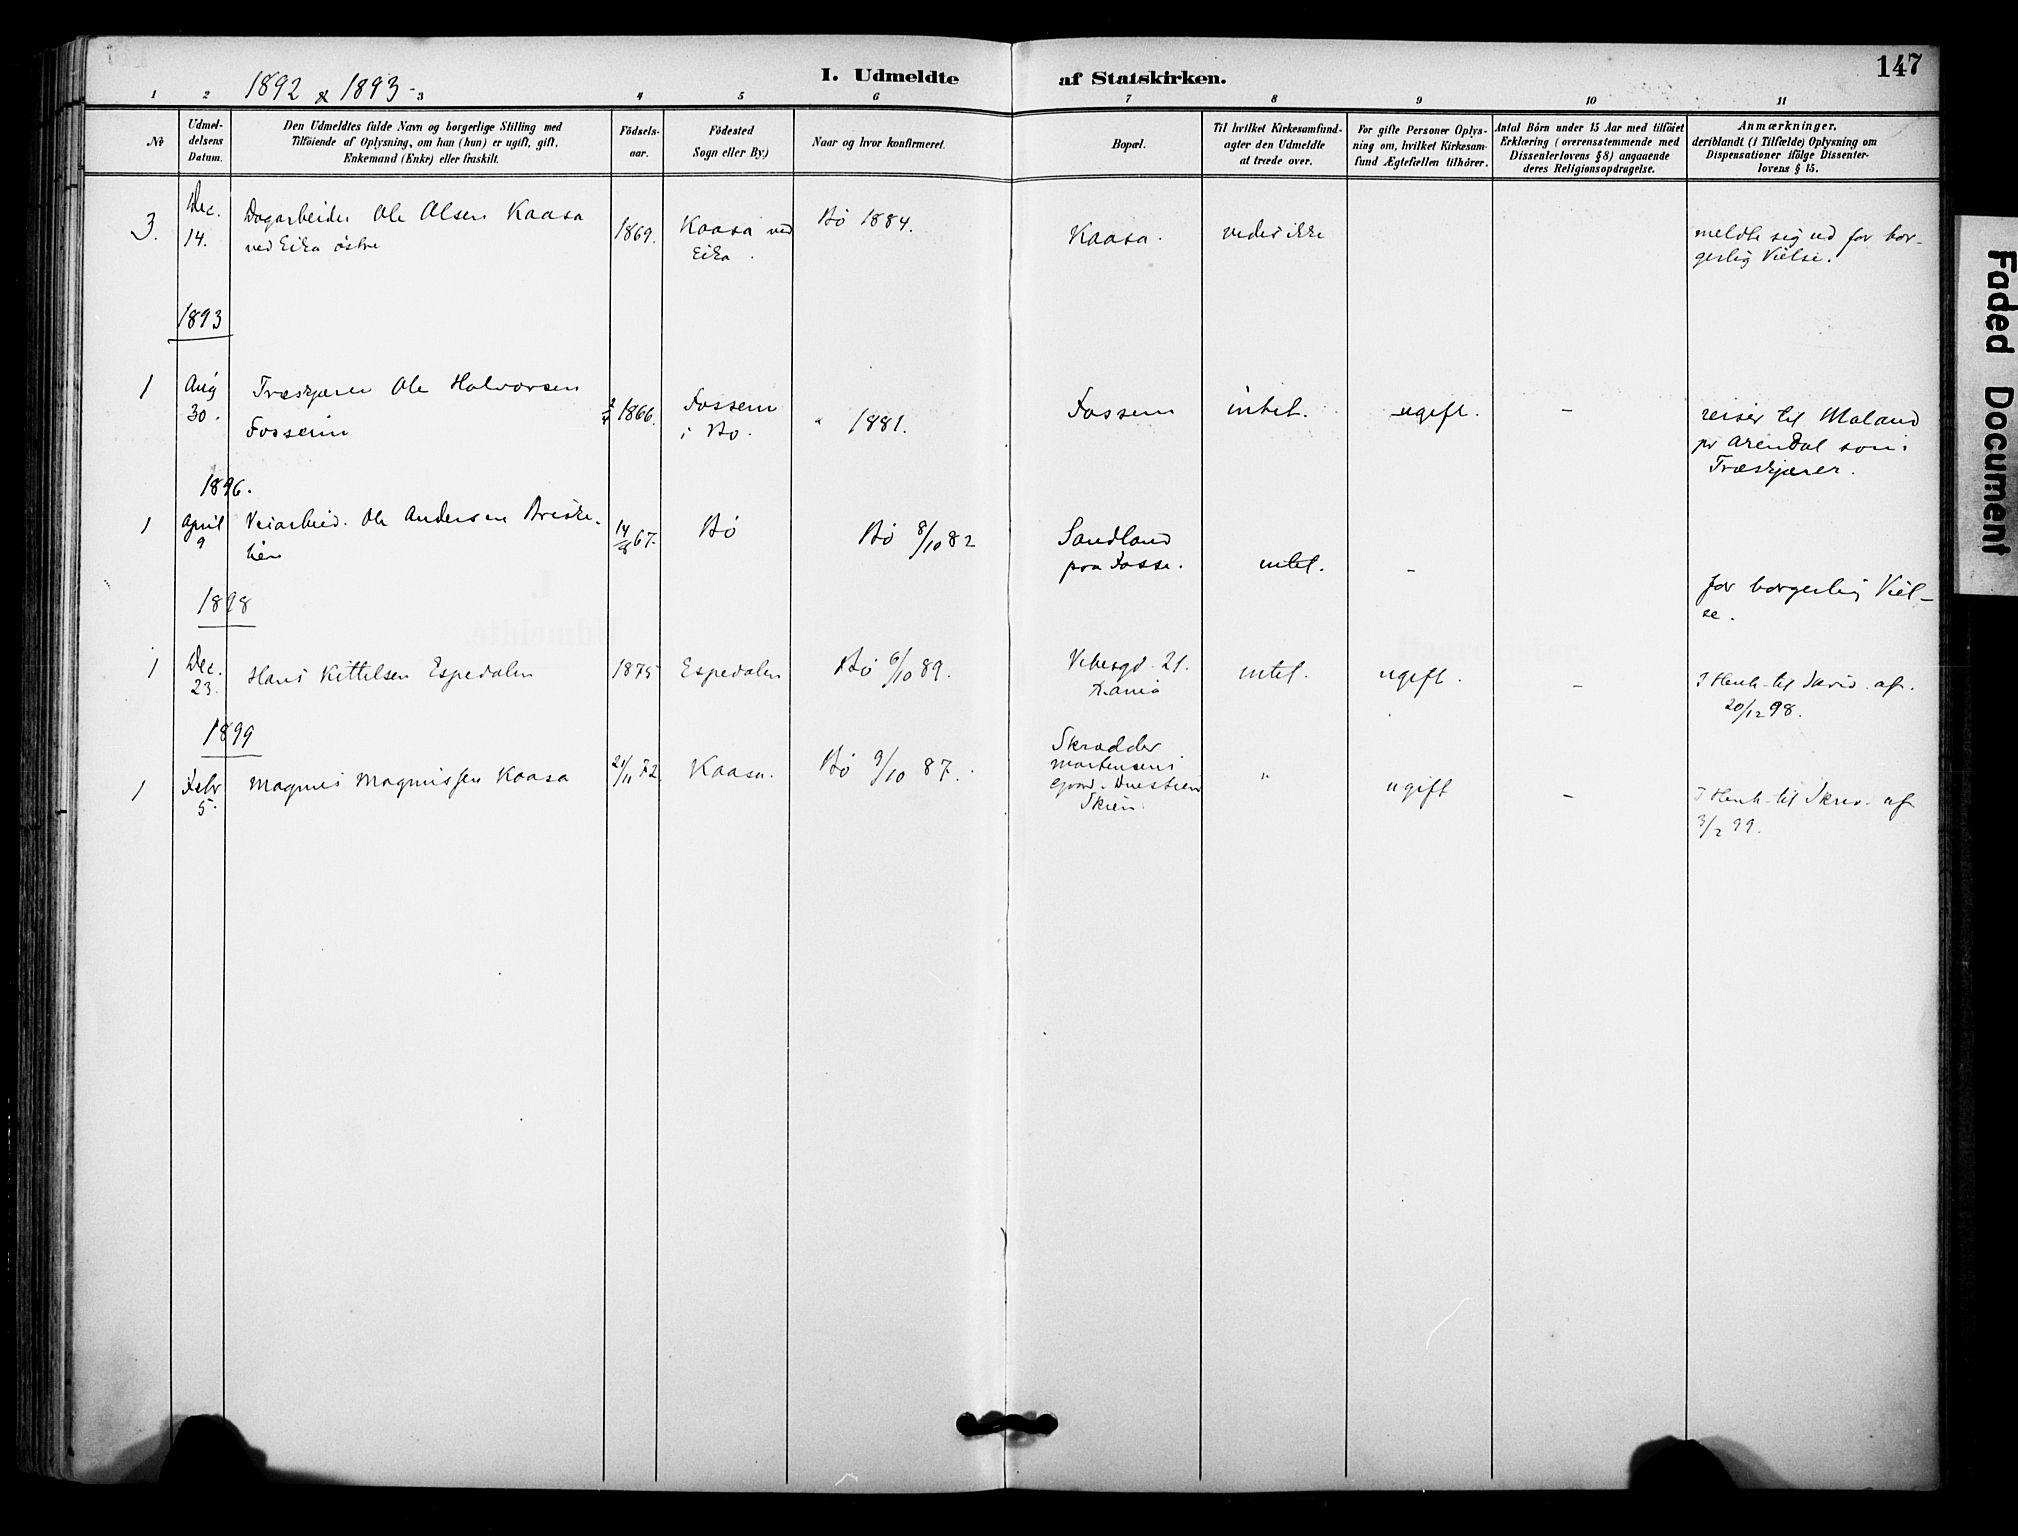 SAKO, Bø kirkebøker, F/Fa/L0011: Ministerialbok nr. 11, 1892-1900, s. 147